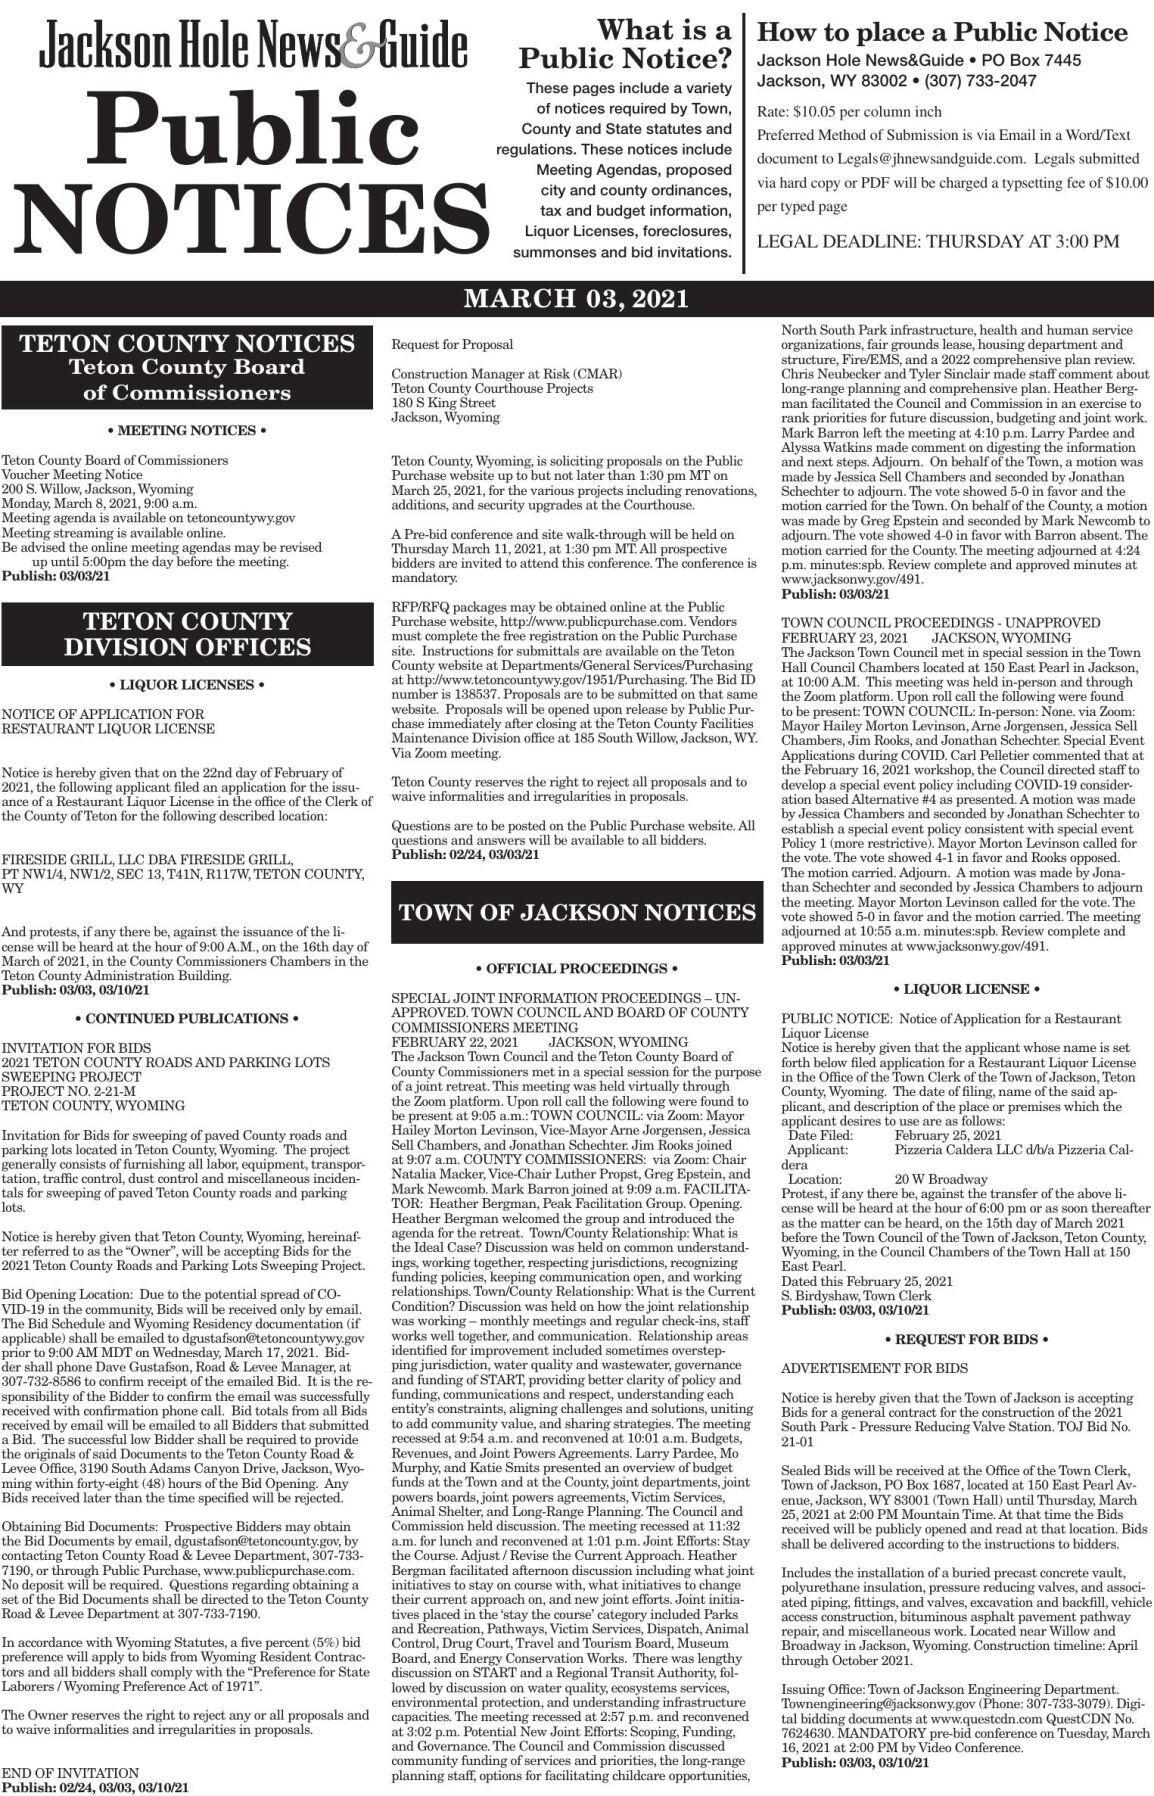 Public Notices, Mar. 03, 2021